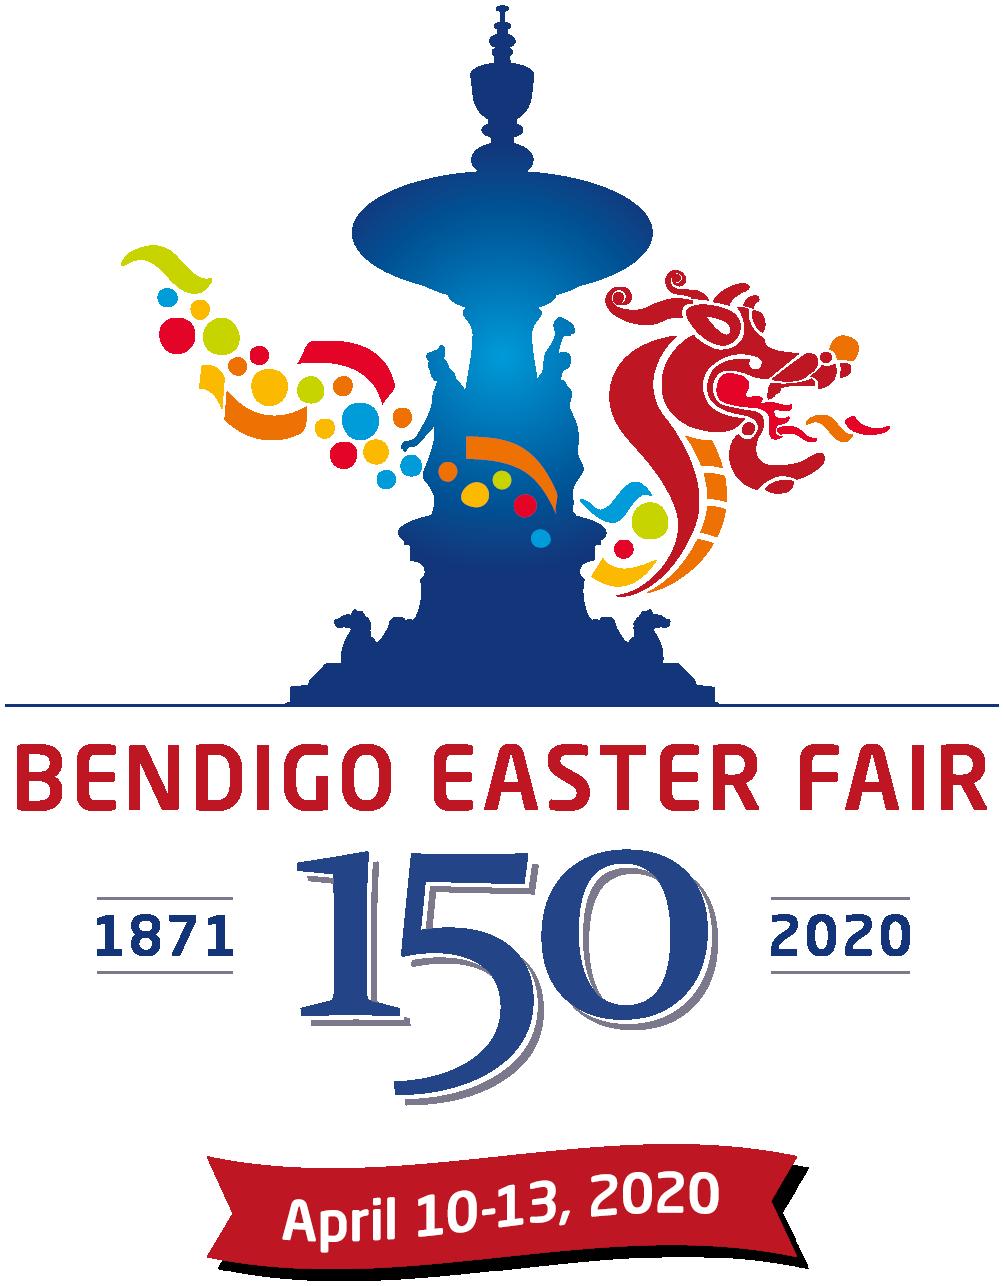 Home | Bendigo Easter Festival